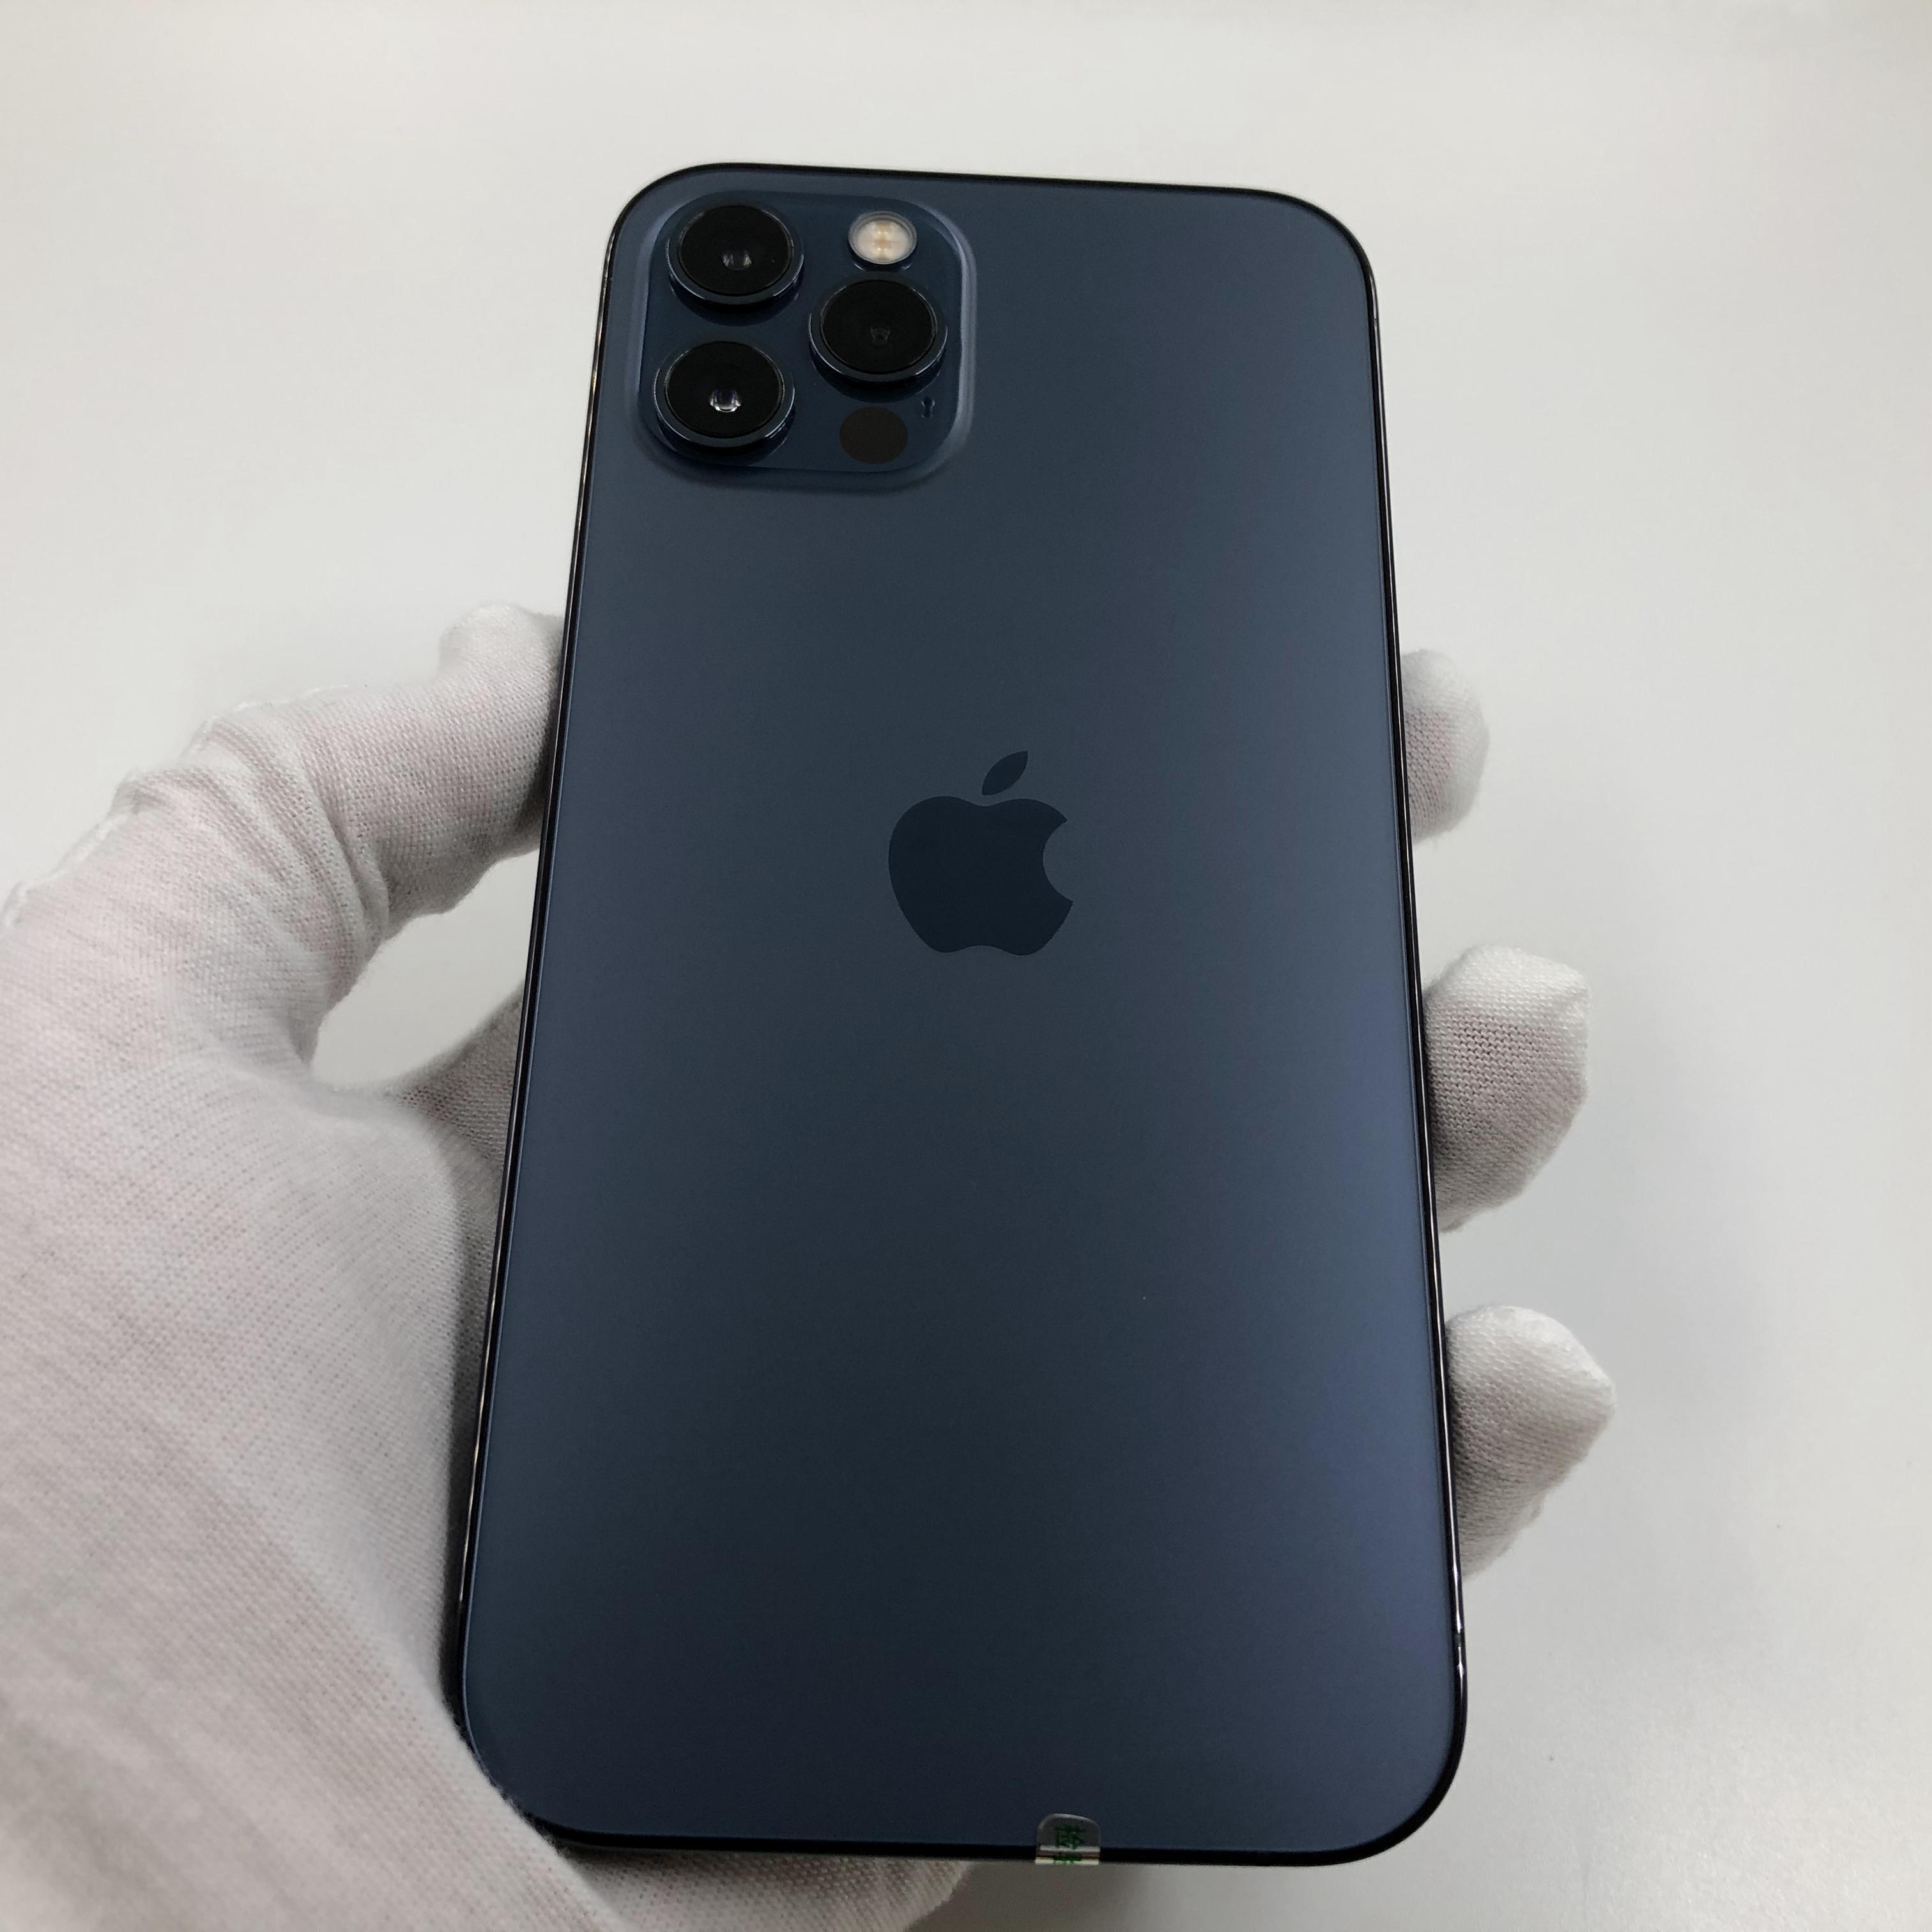 苹果【iPhone 12 Pro】5G全网通 海蓝色 128G 国行 95新 真机实拍官保2022-02-01